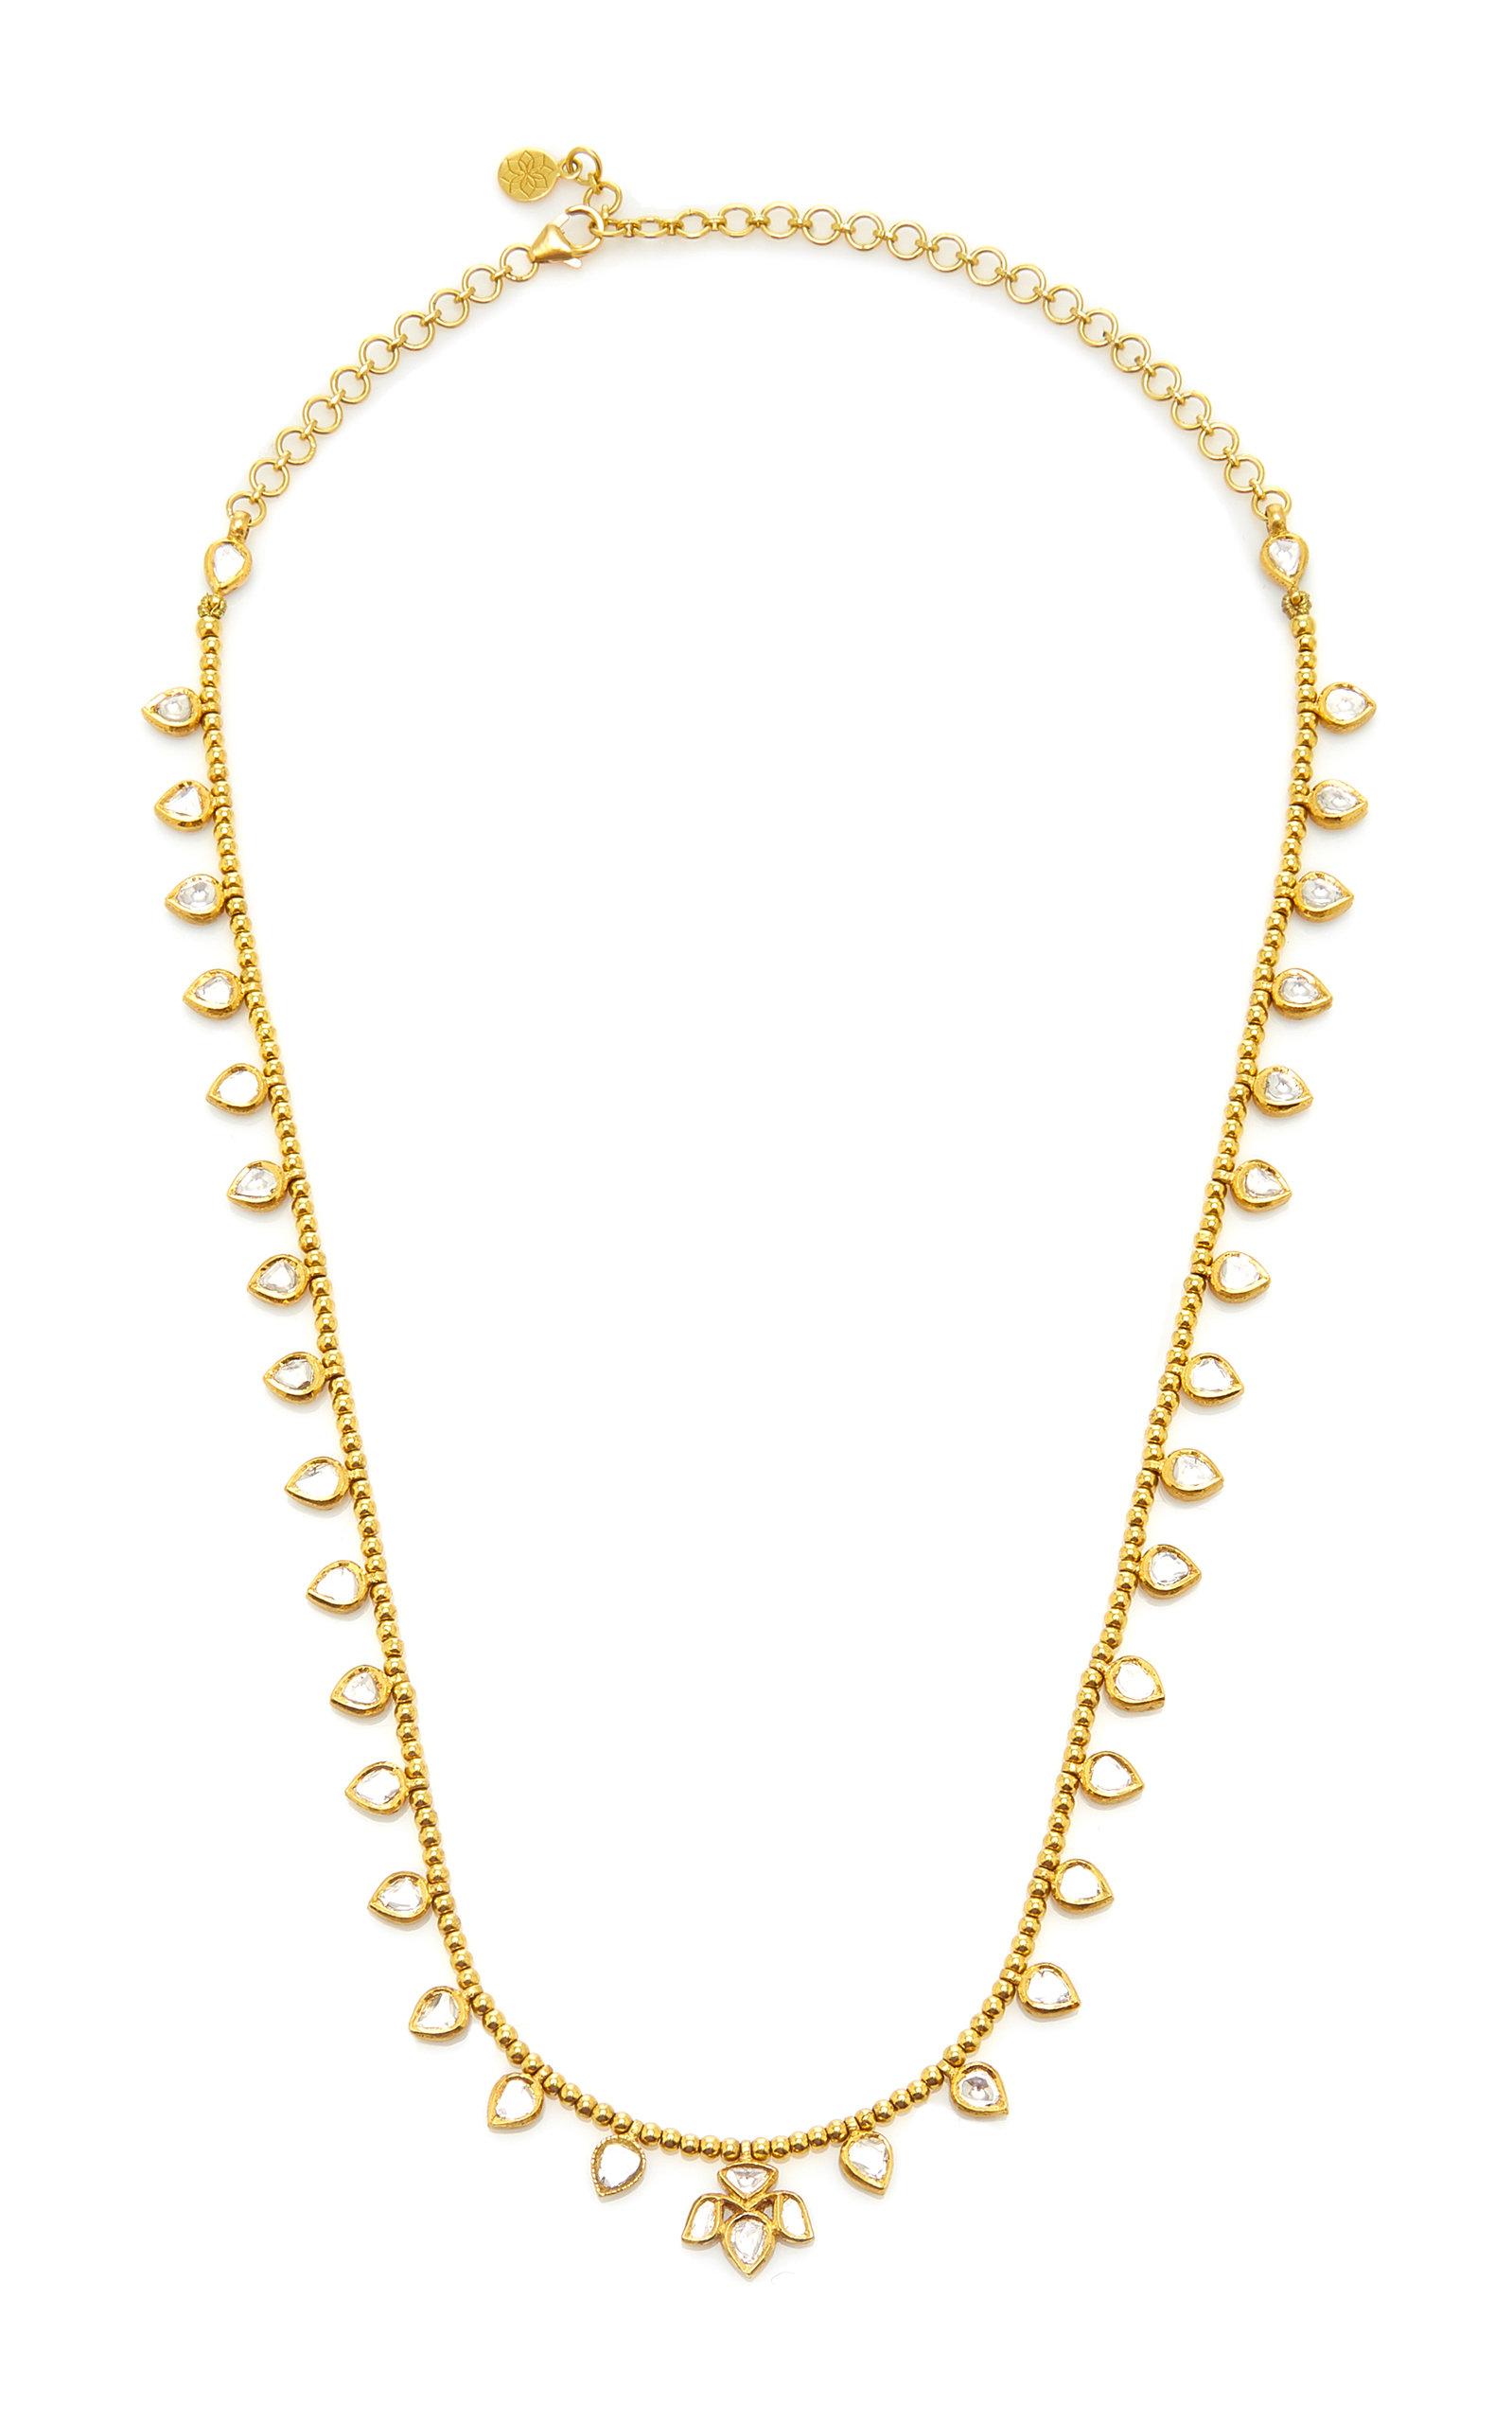 bc2add1f0e792 Women's Jewelry | Moda Operandi | Moda Operandi